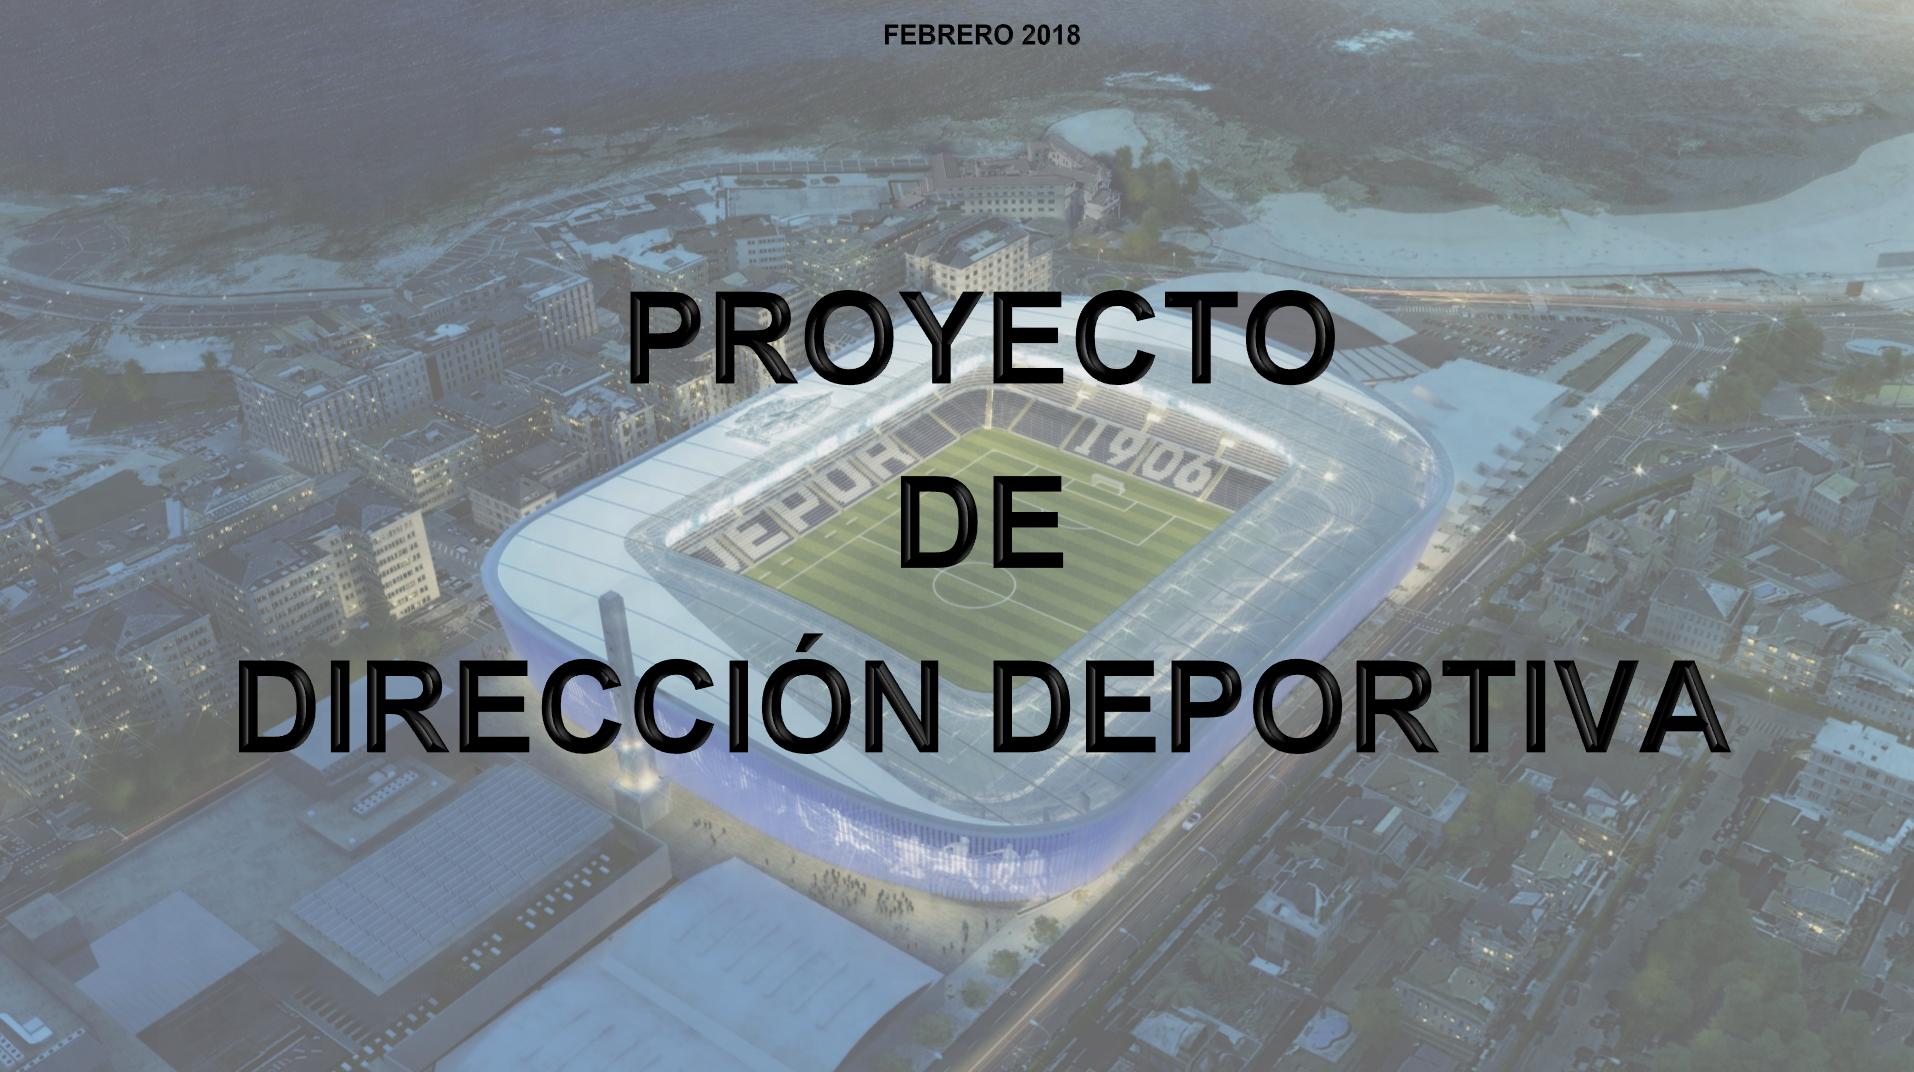 Proyecto de Dirección Deportiva